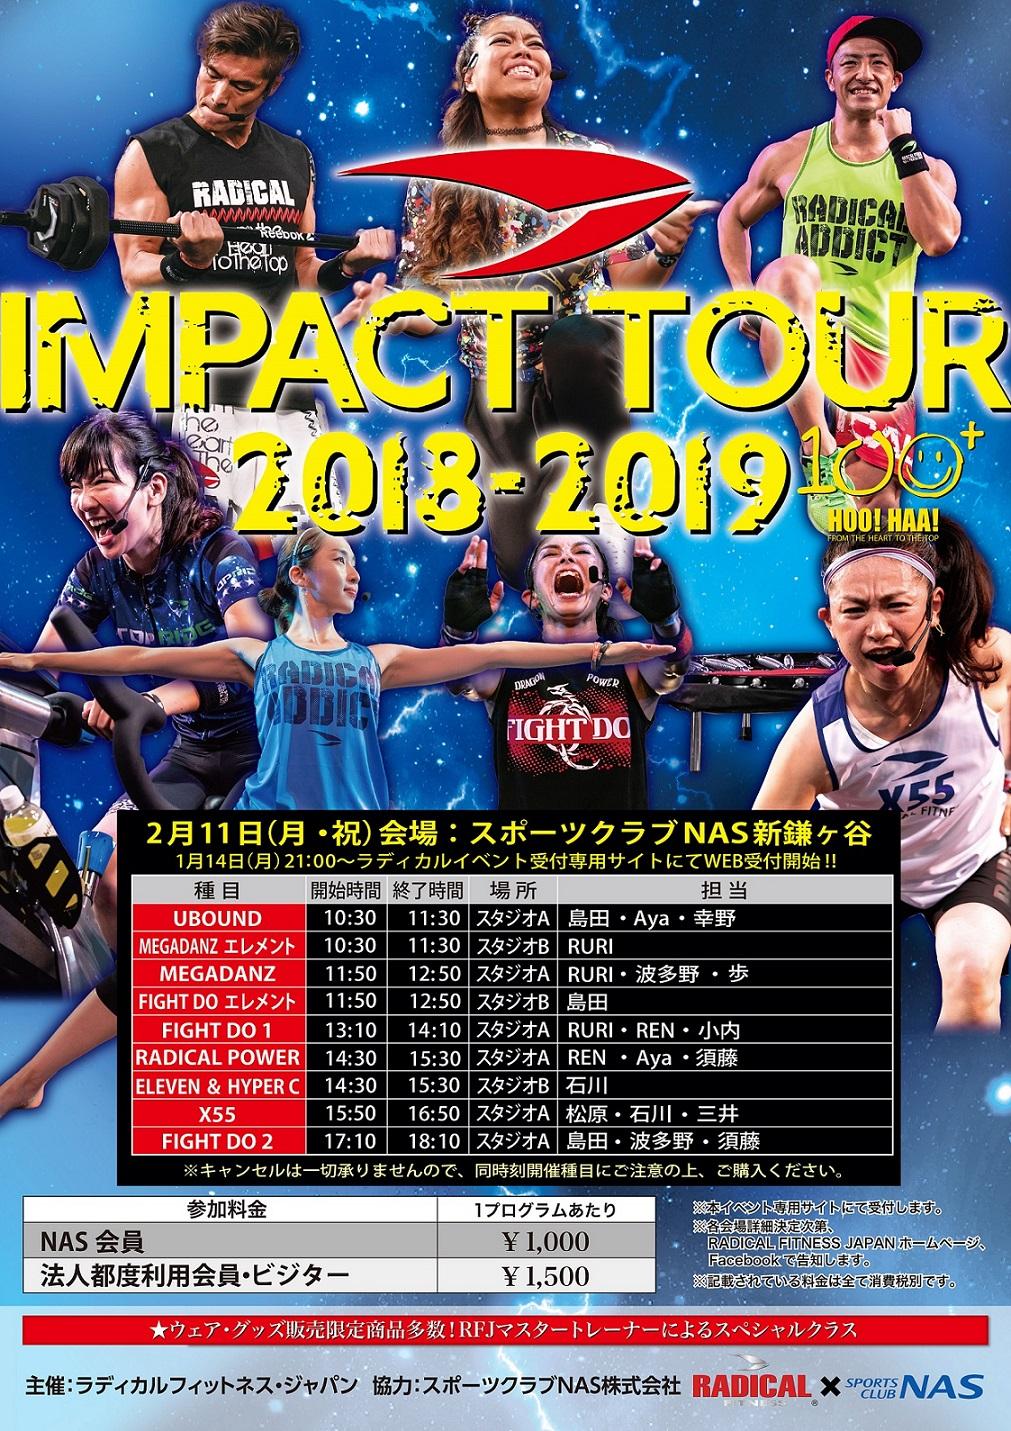 ラディカルインパクトツアー2018-2019 in NAS新鎌ヶ谷 NAS会員様